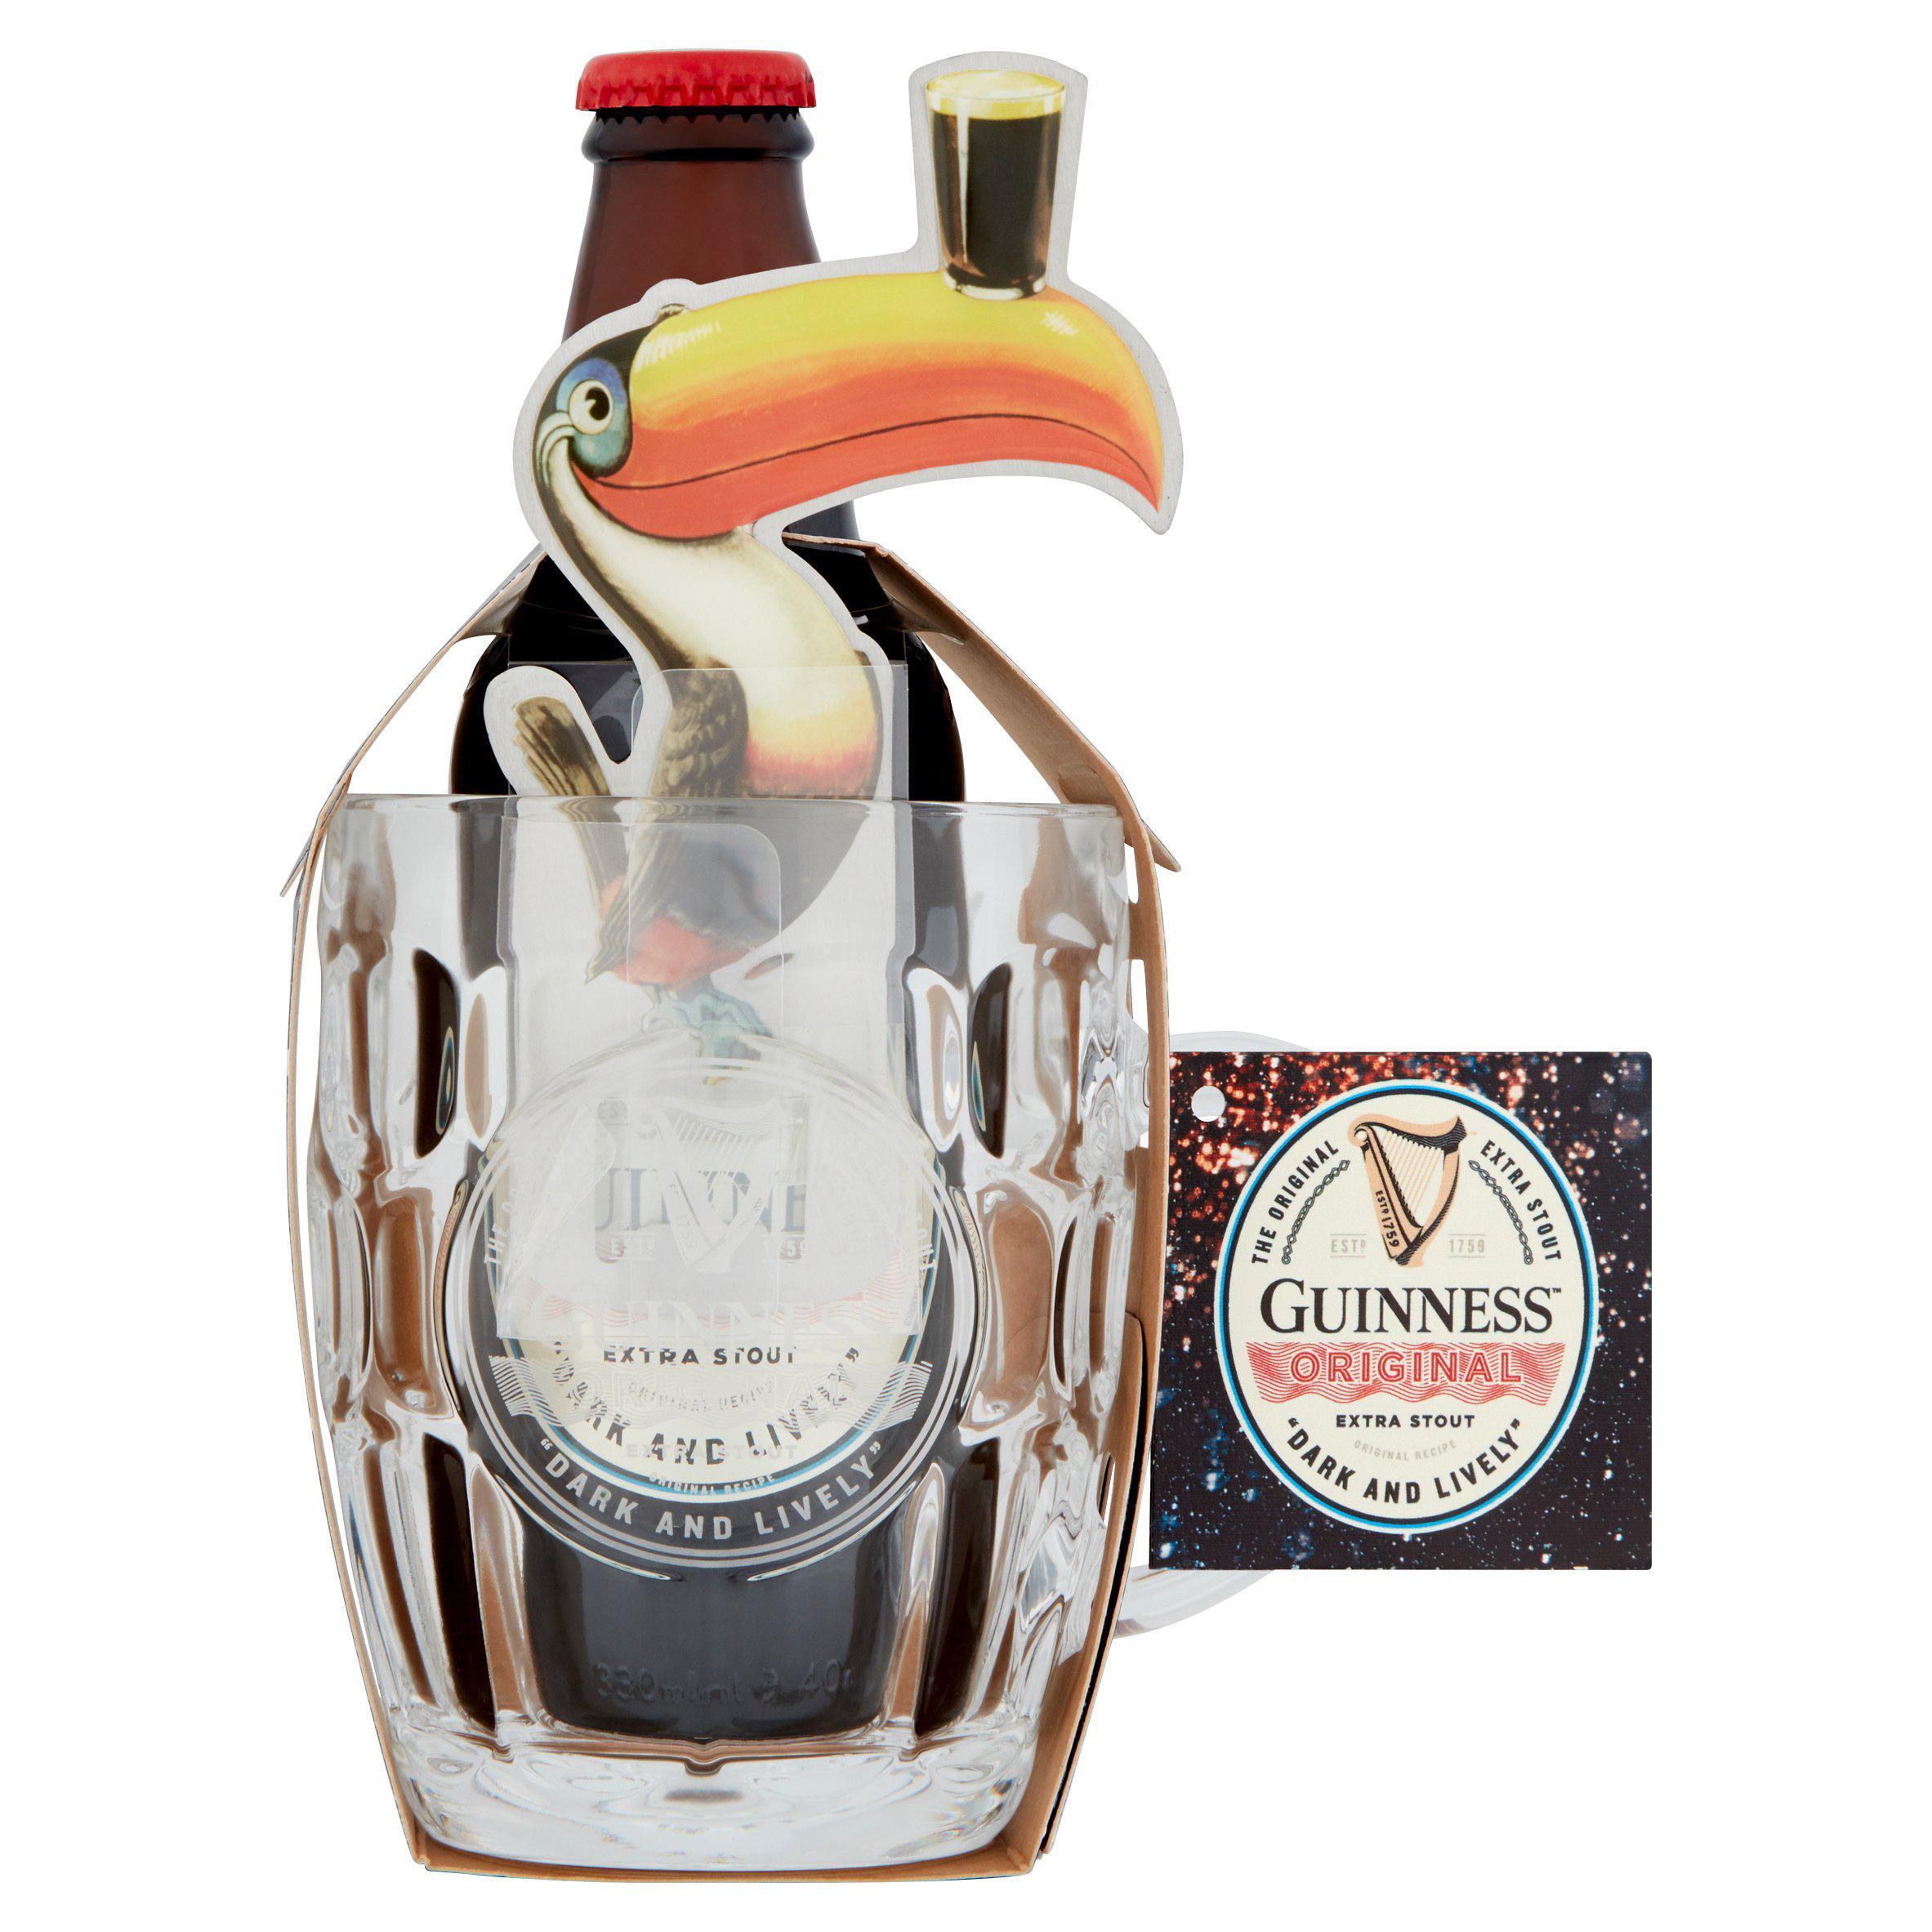 Guinness Tankard, Toucan bottle opener and 330ml of Guinness £3.25 @ Tesco (Derry)